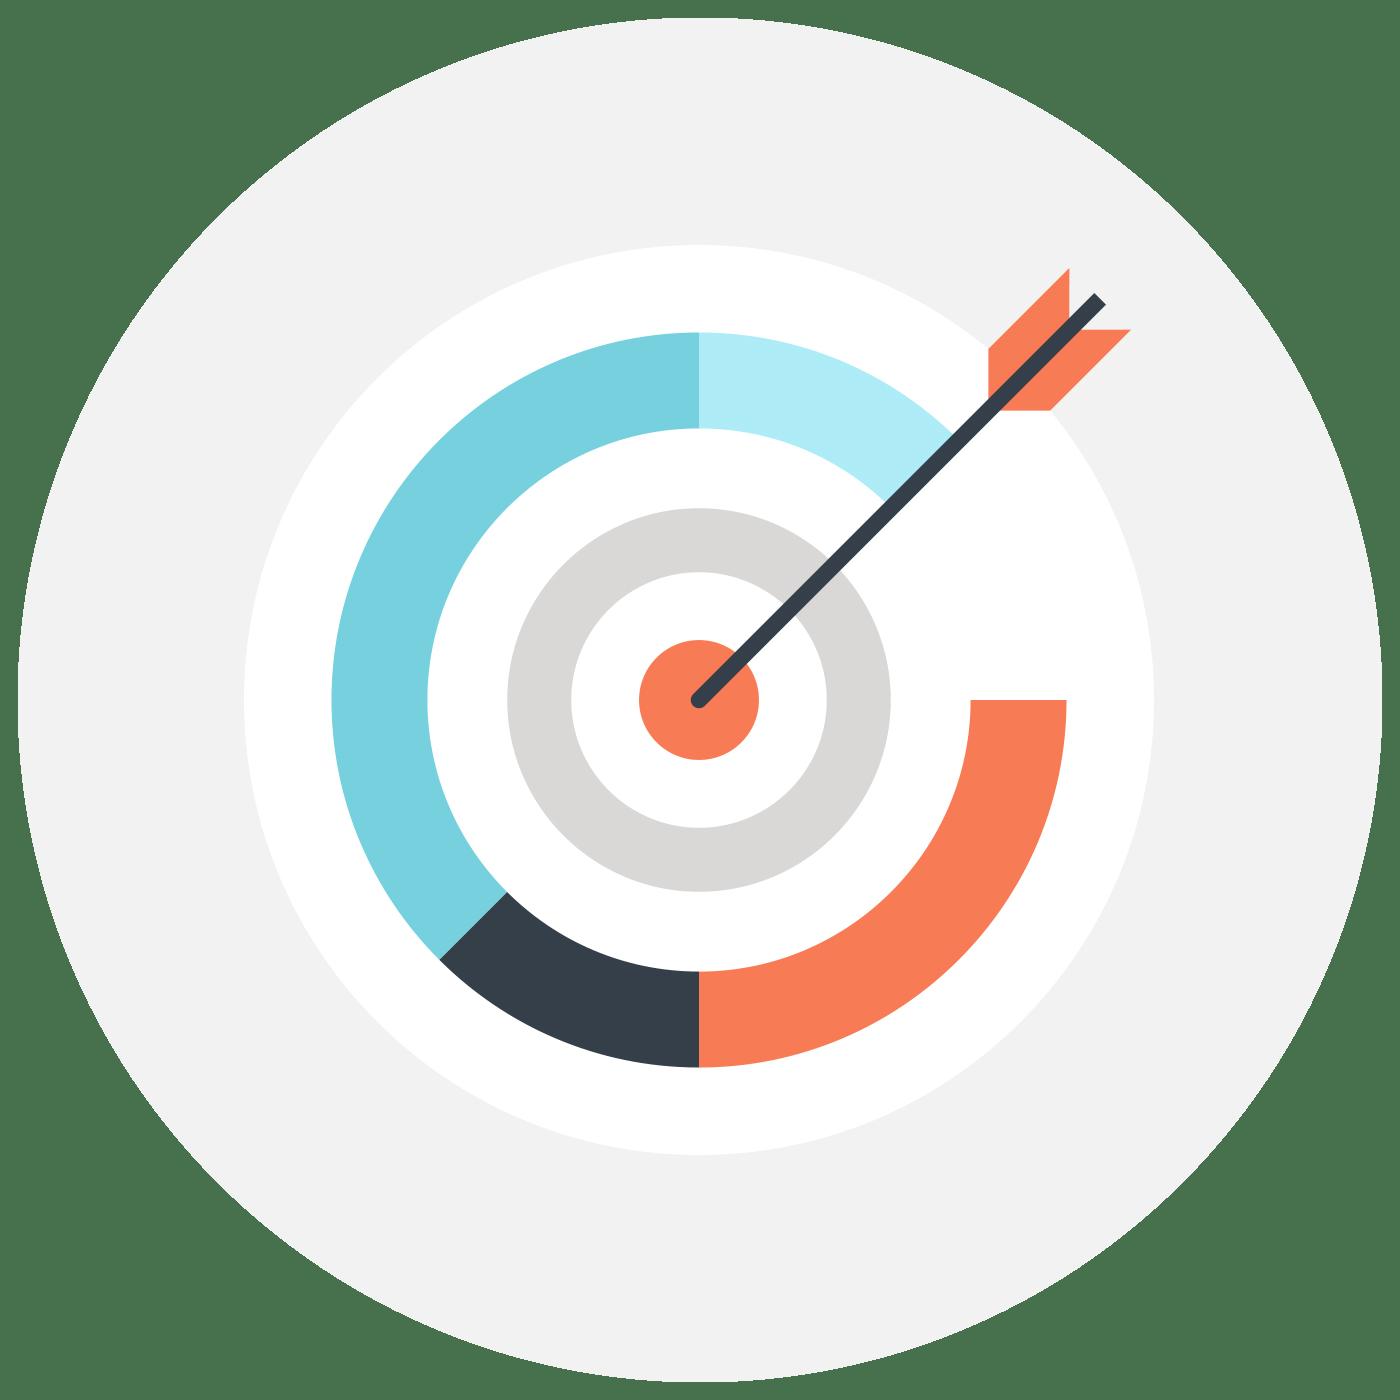 Icono targeting